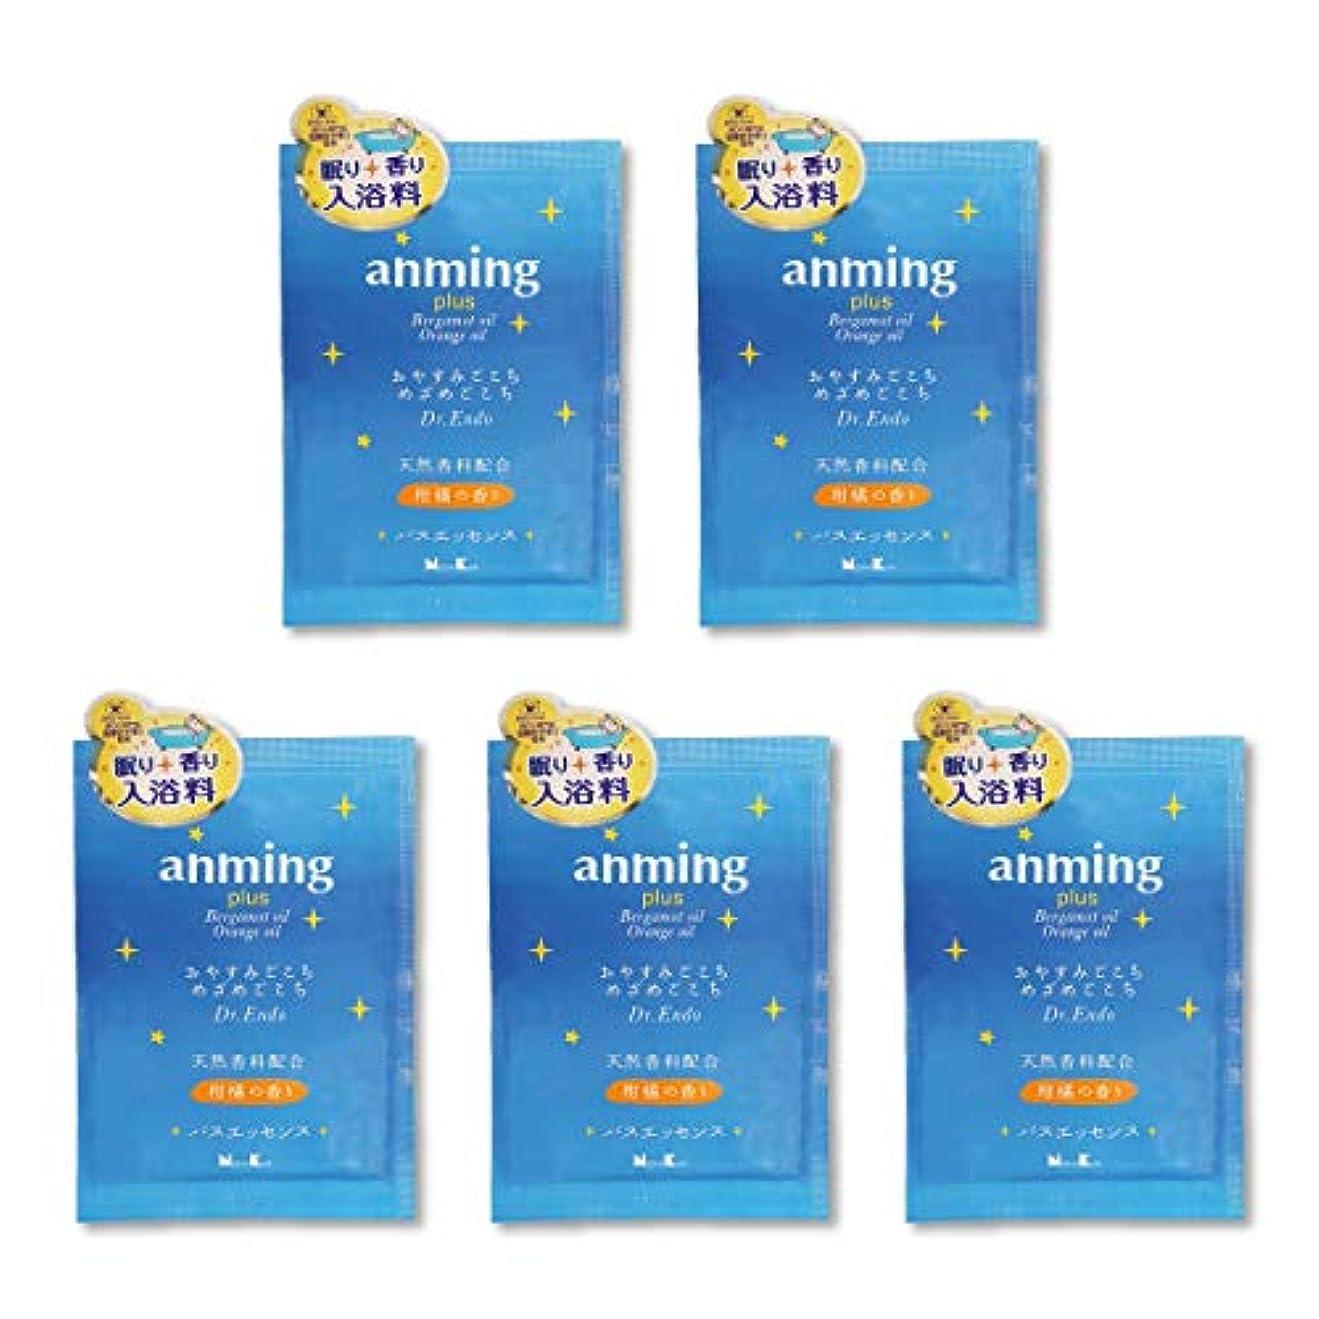 スパーク無数のポスト印象派【X5袋セット】 anming アンミング プラス バスエッセンス ミニタイプ 25ml